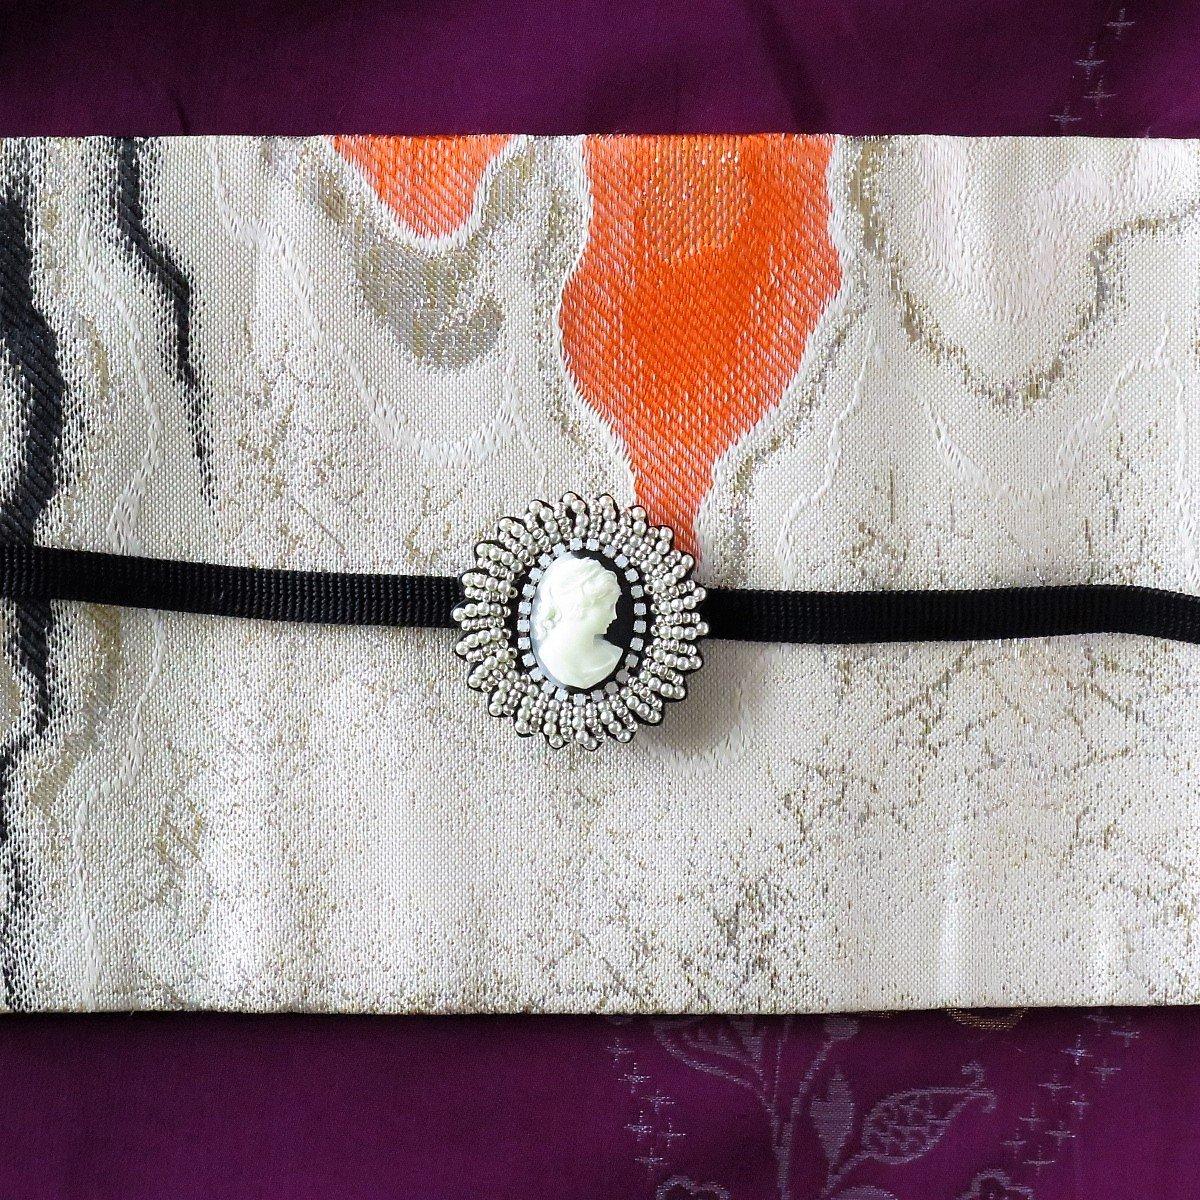 今年も宜しくお願い致します! Beads.Michel misato☆です  まもなくiichiで和装小物を販売する予定です   和洋装小物 「美さと屋」 よろしくお願いします(^.^)  @Lupopo_cafe